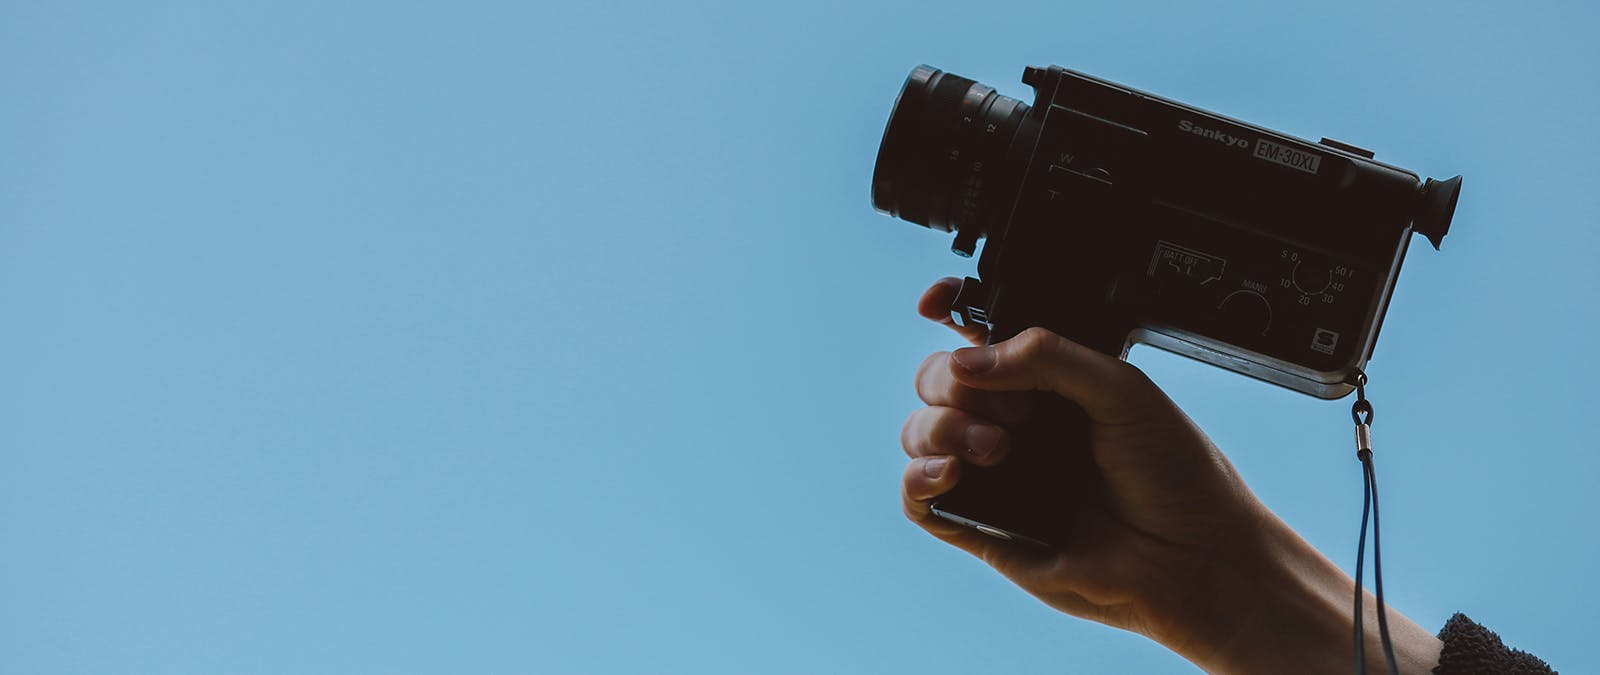 Camera Filmtopp